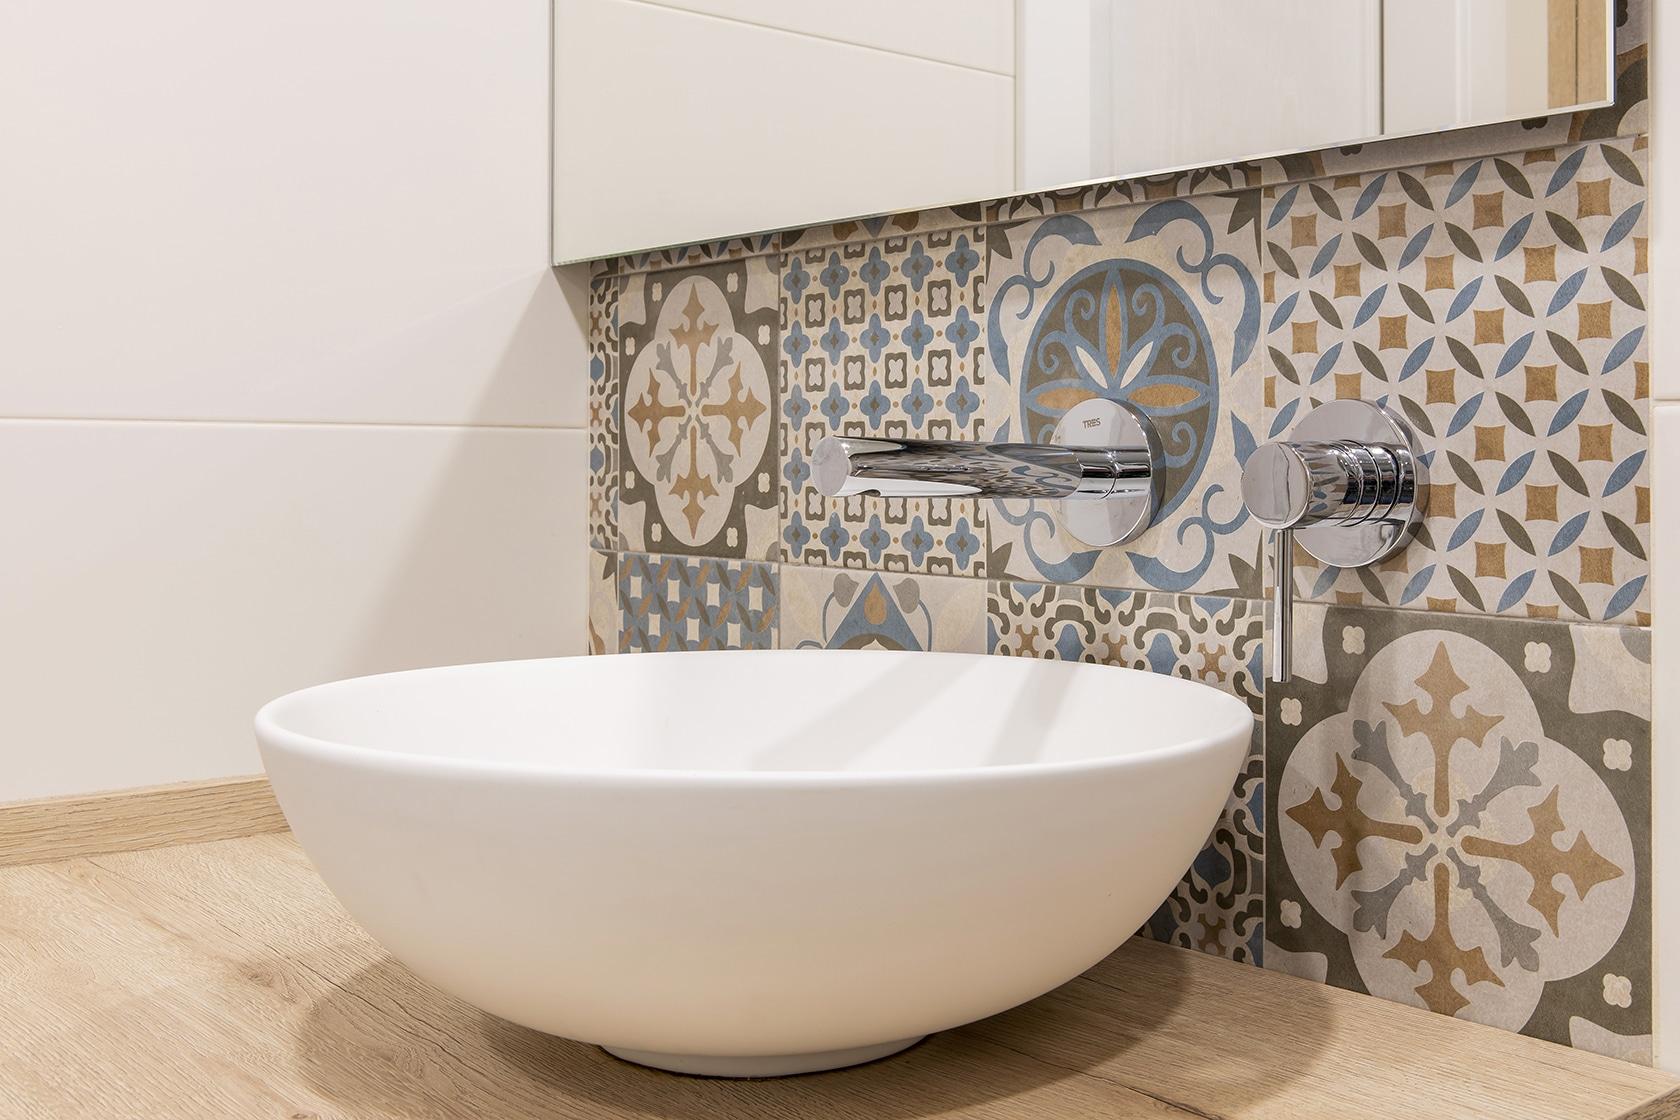 Pica del baño y encimera delante la pared de mosaico.